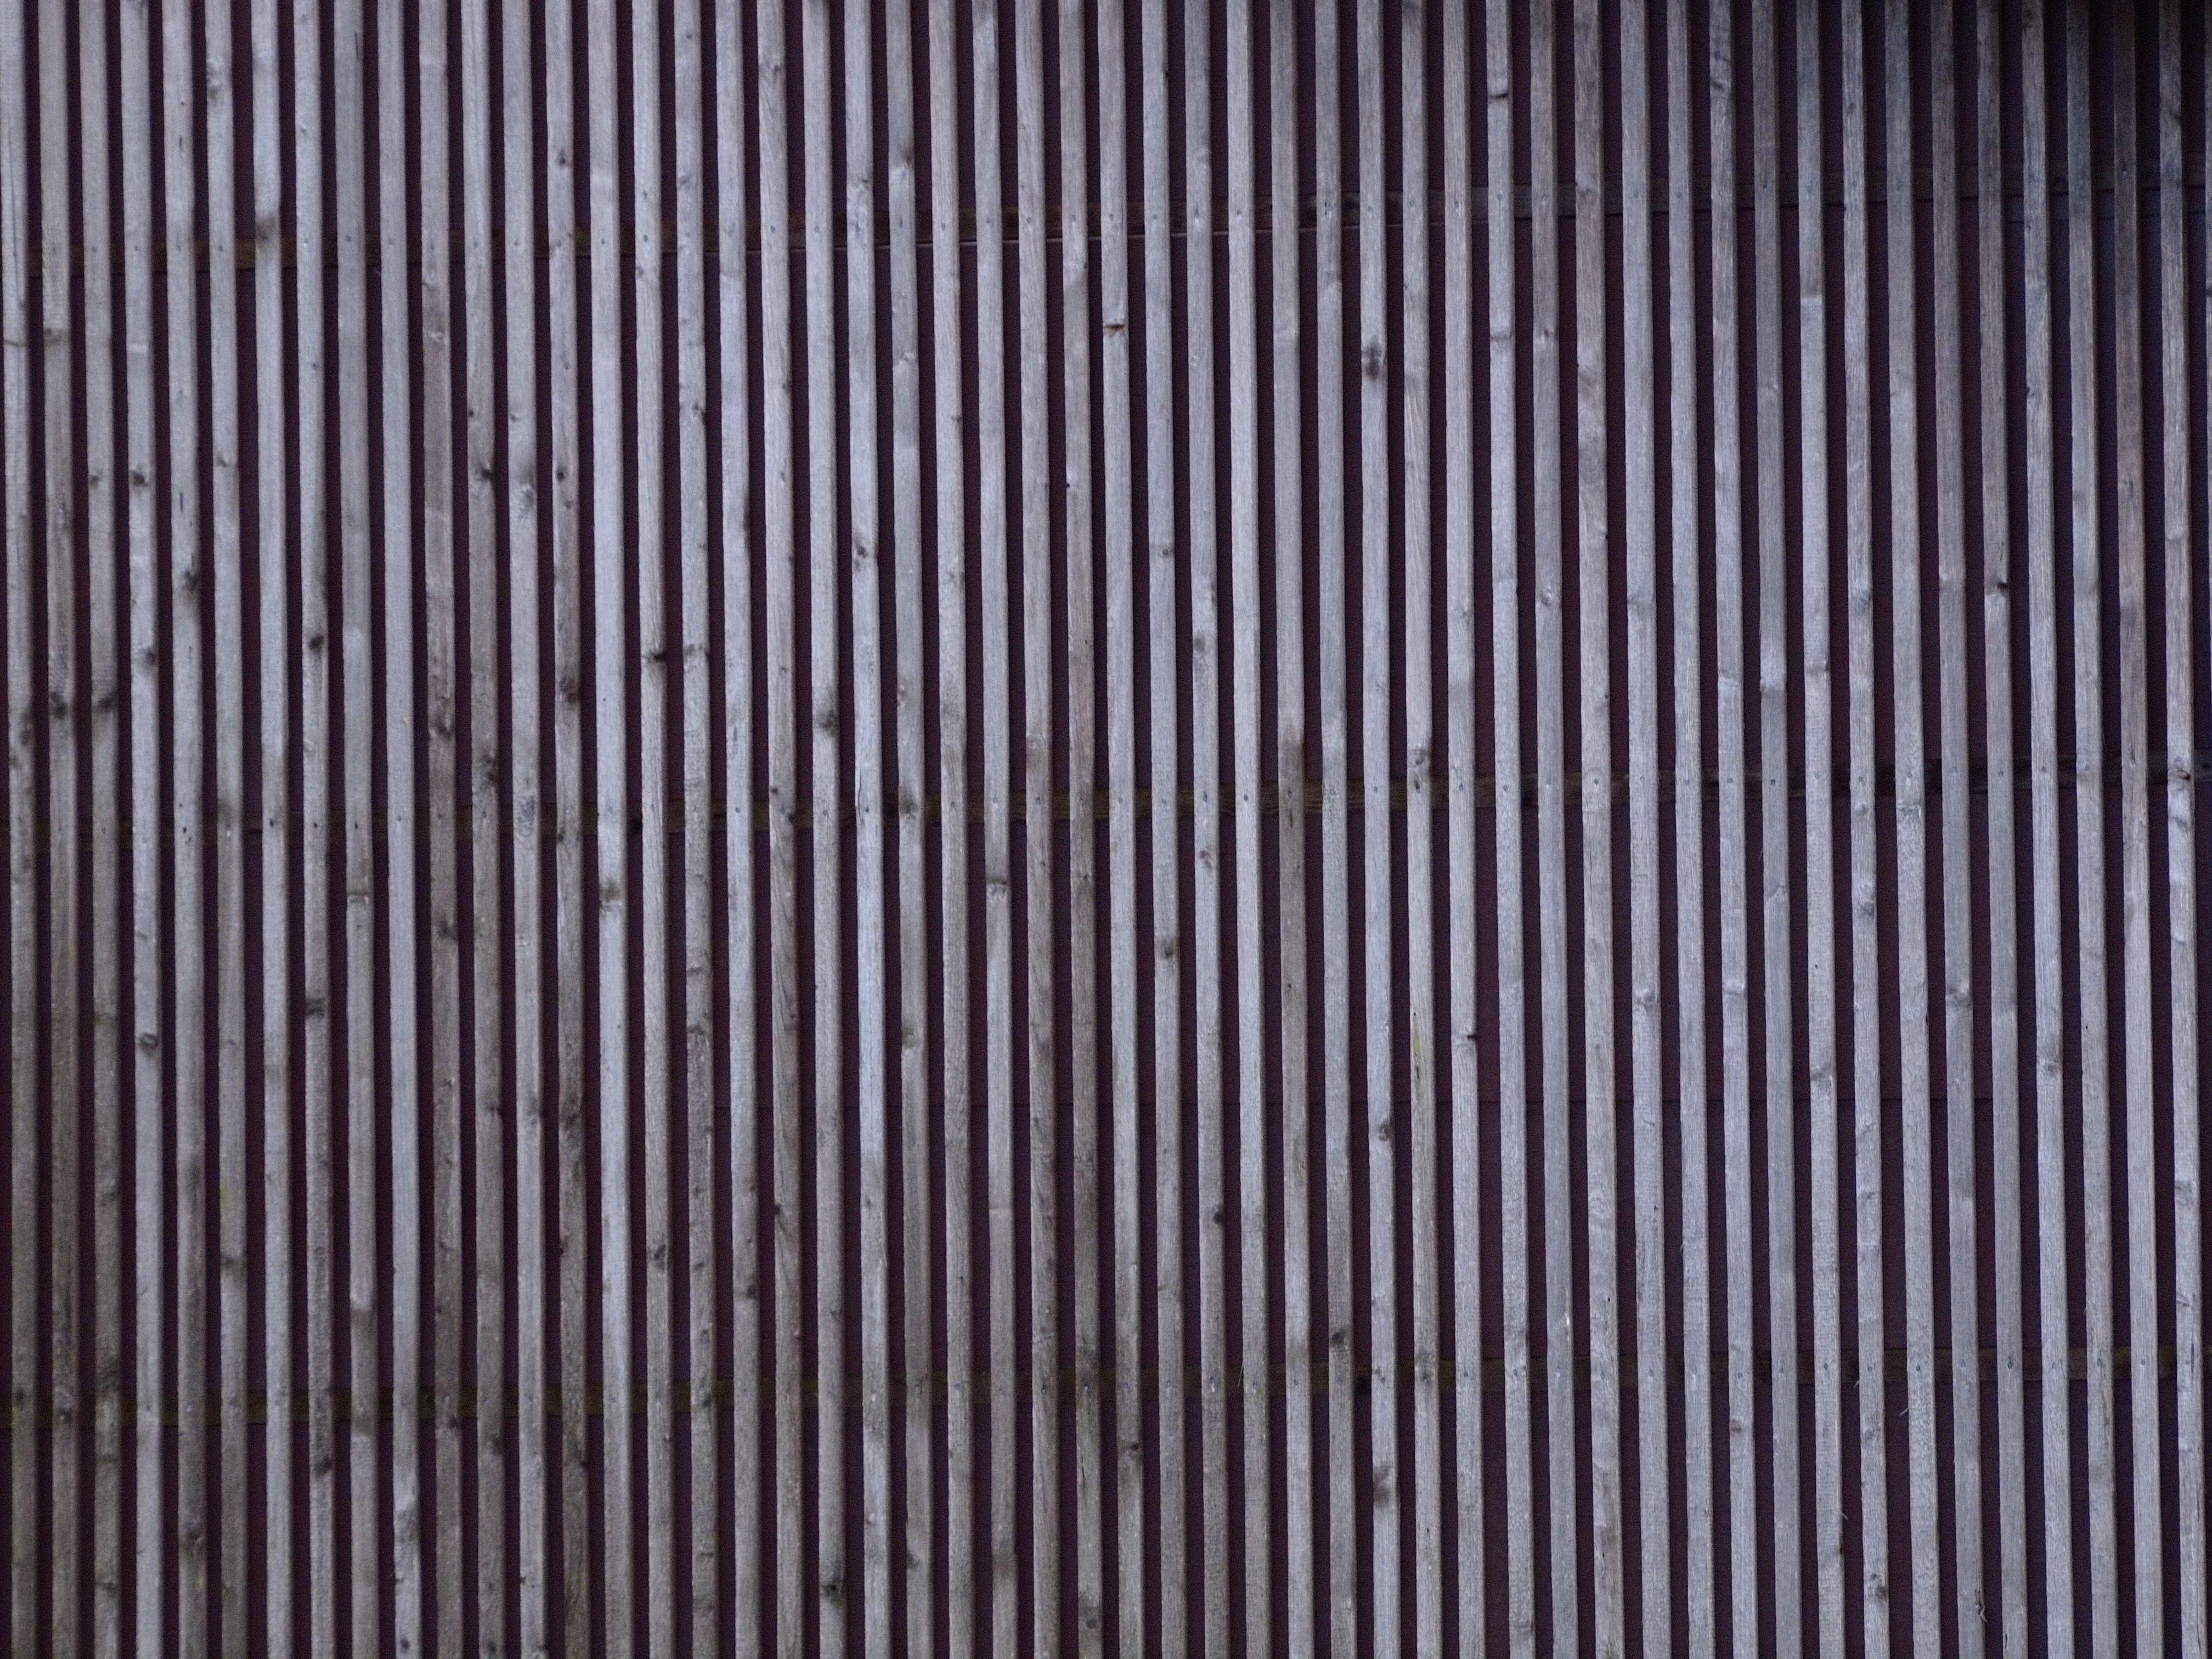 images gratuites structure bois texture sol mur mod le ligne m tal marron mat riel. Black Bedroom Furniture Sets. Home Design Ideas